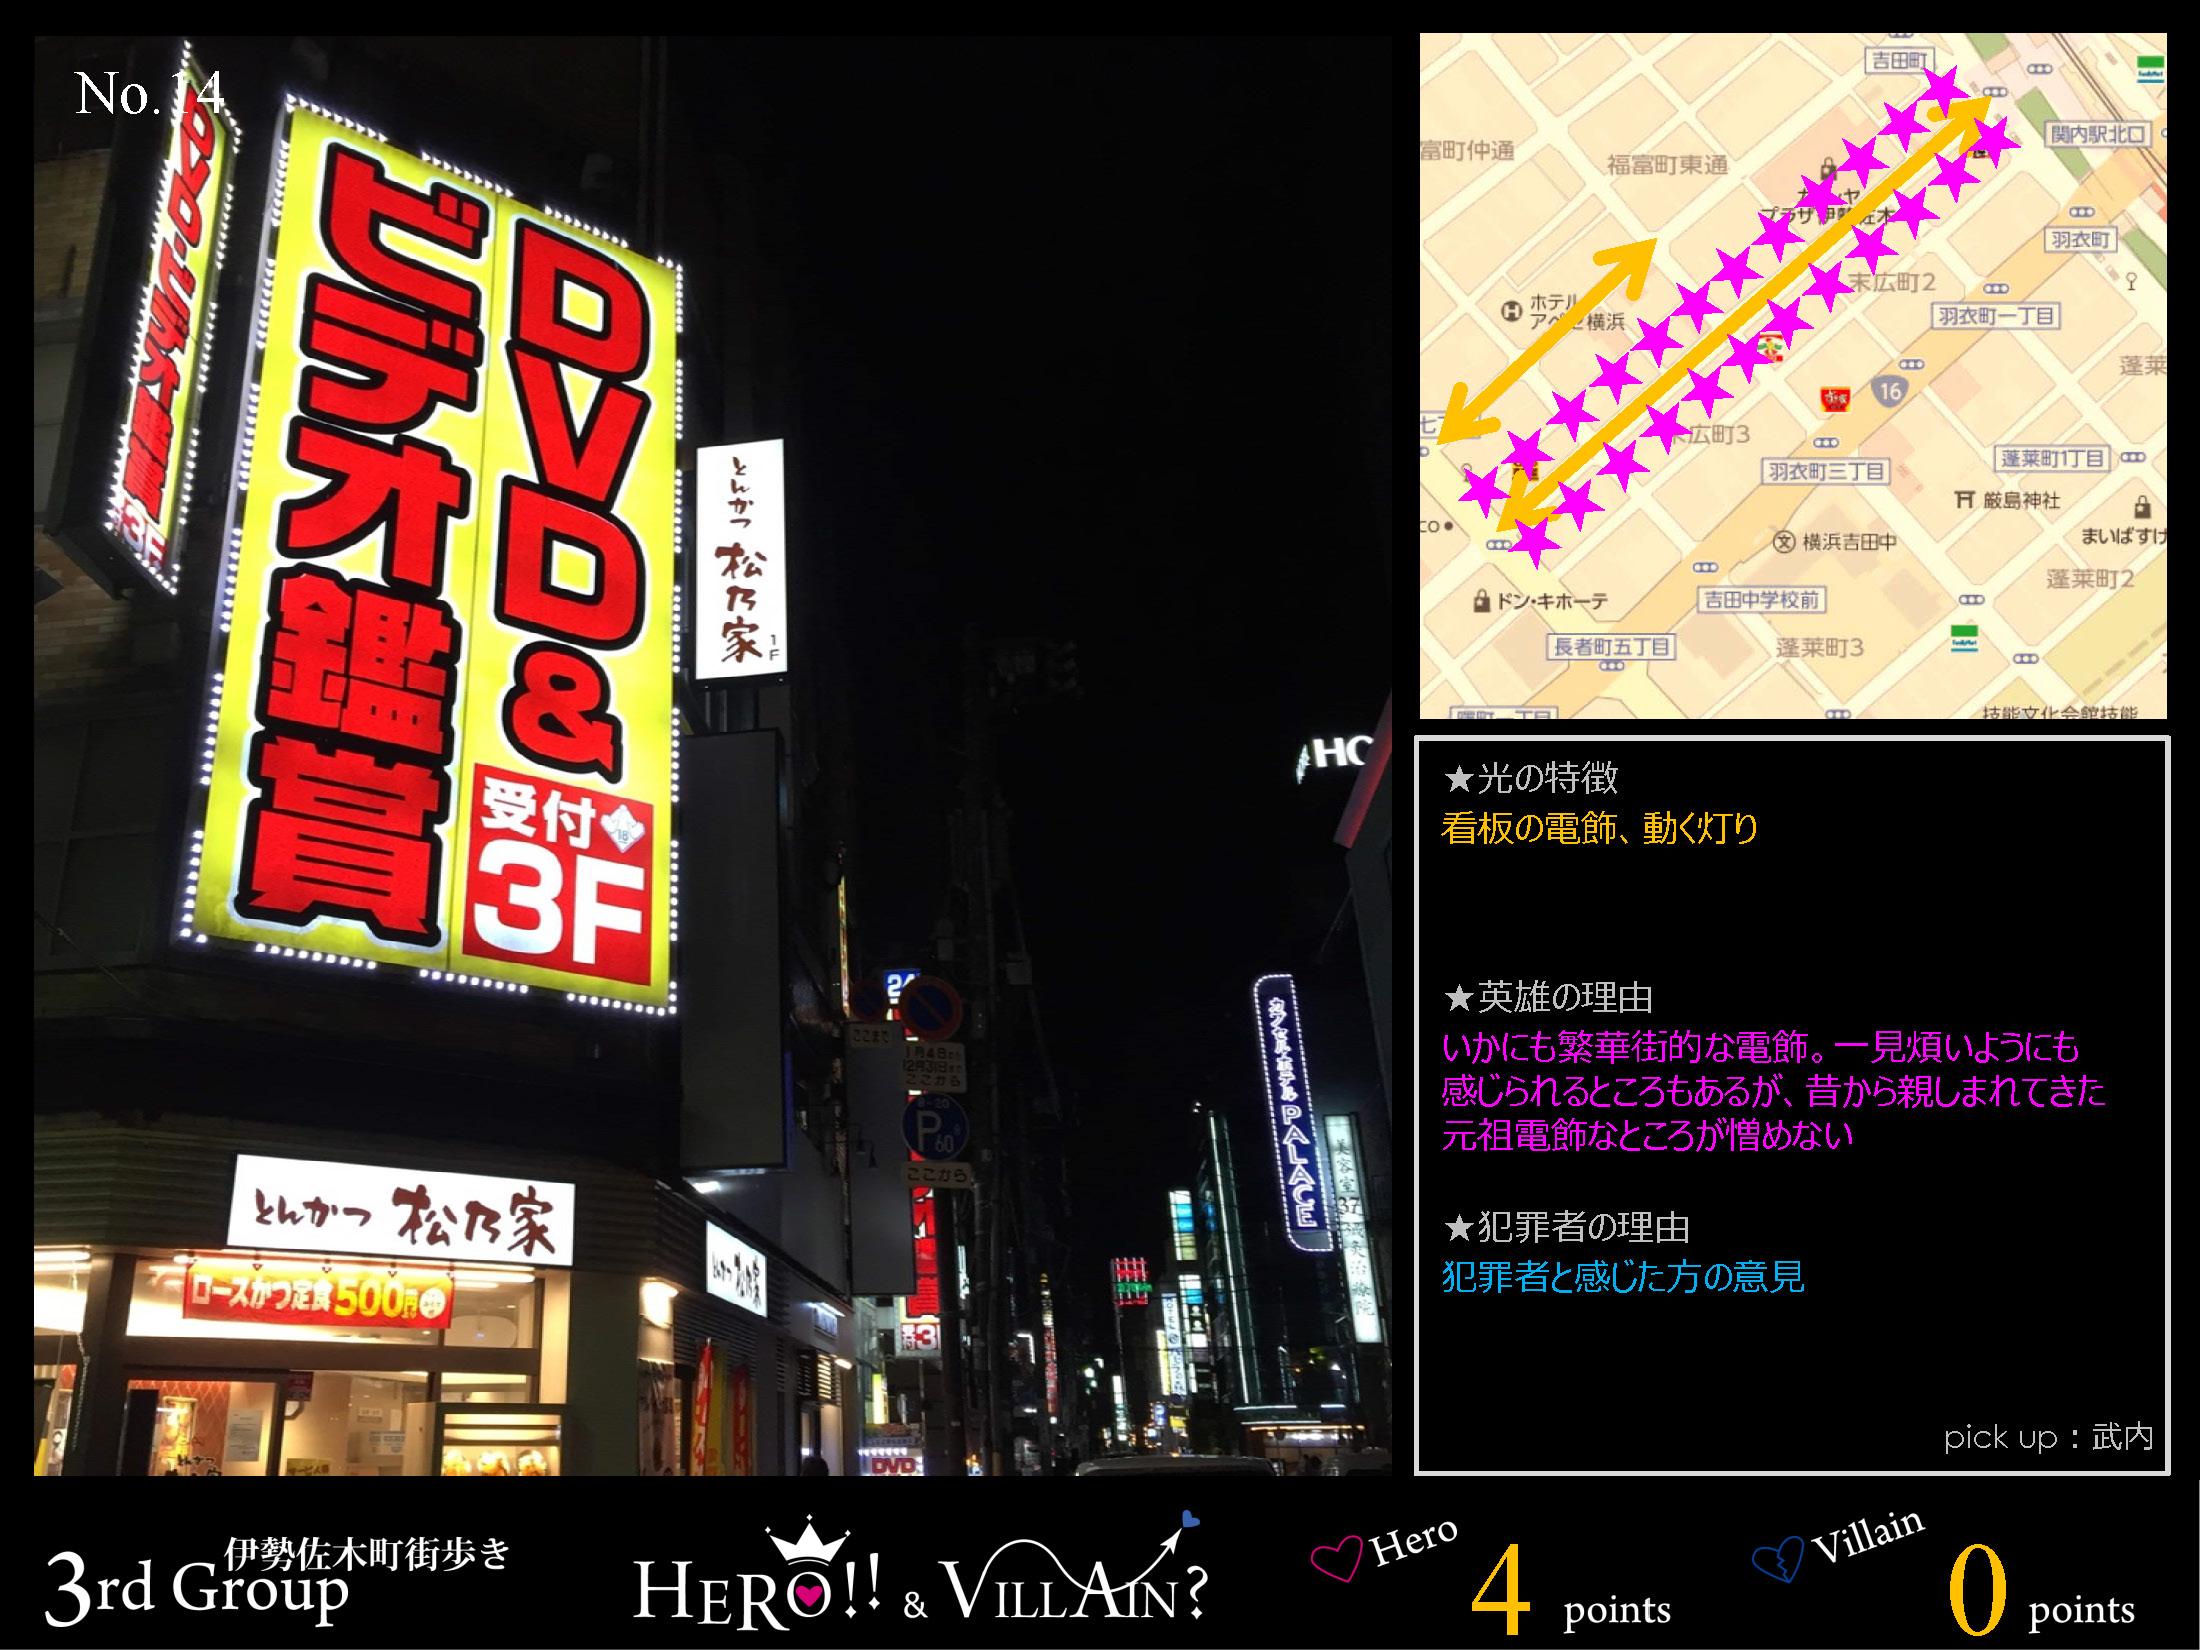 伊勢佐木町街歩き_3班まとめ(圧縮)2